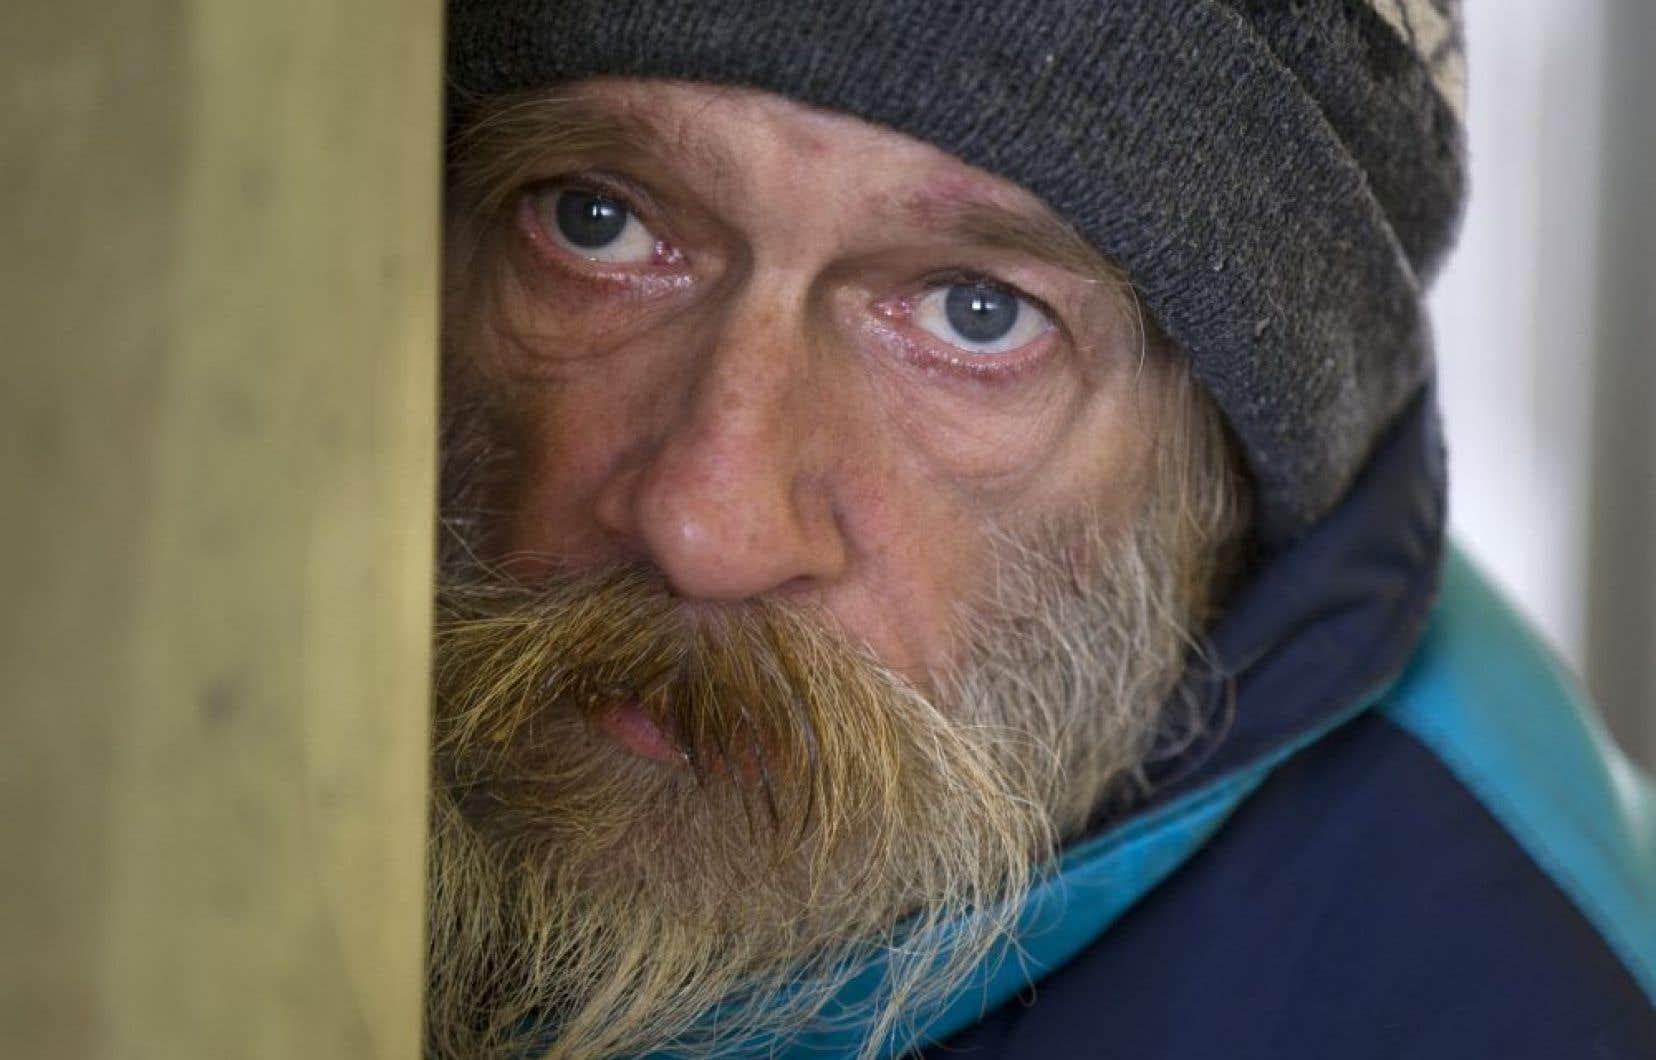 Les plus récents portraits de l'itinérance, qui datent de 1995, évaluent à entre 20 000 et 25 000 le nombre de sans-abri dans la métropole.